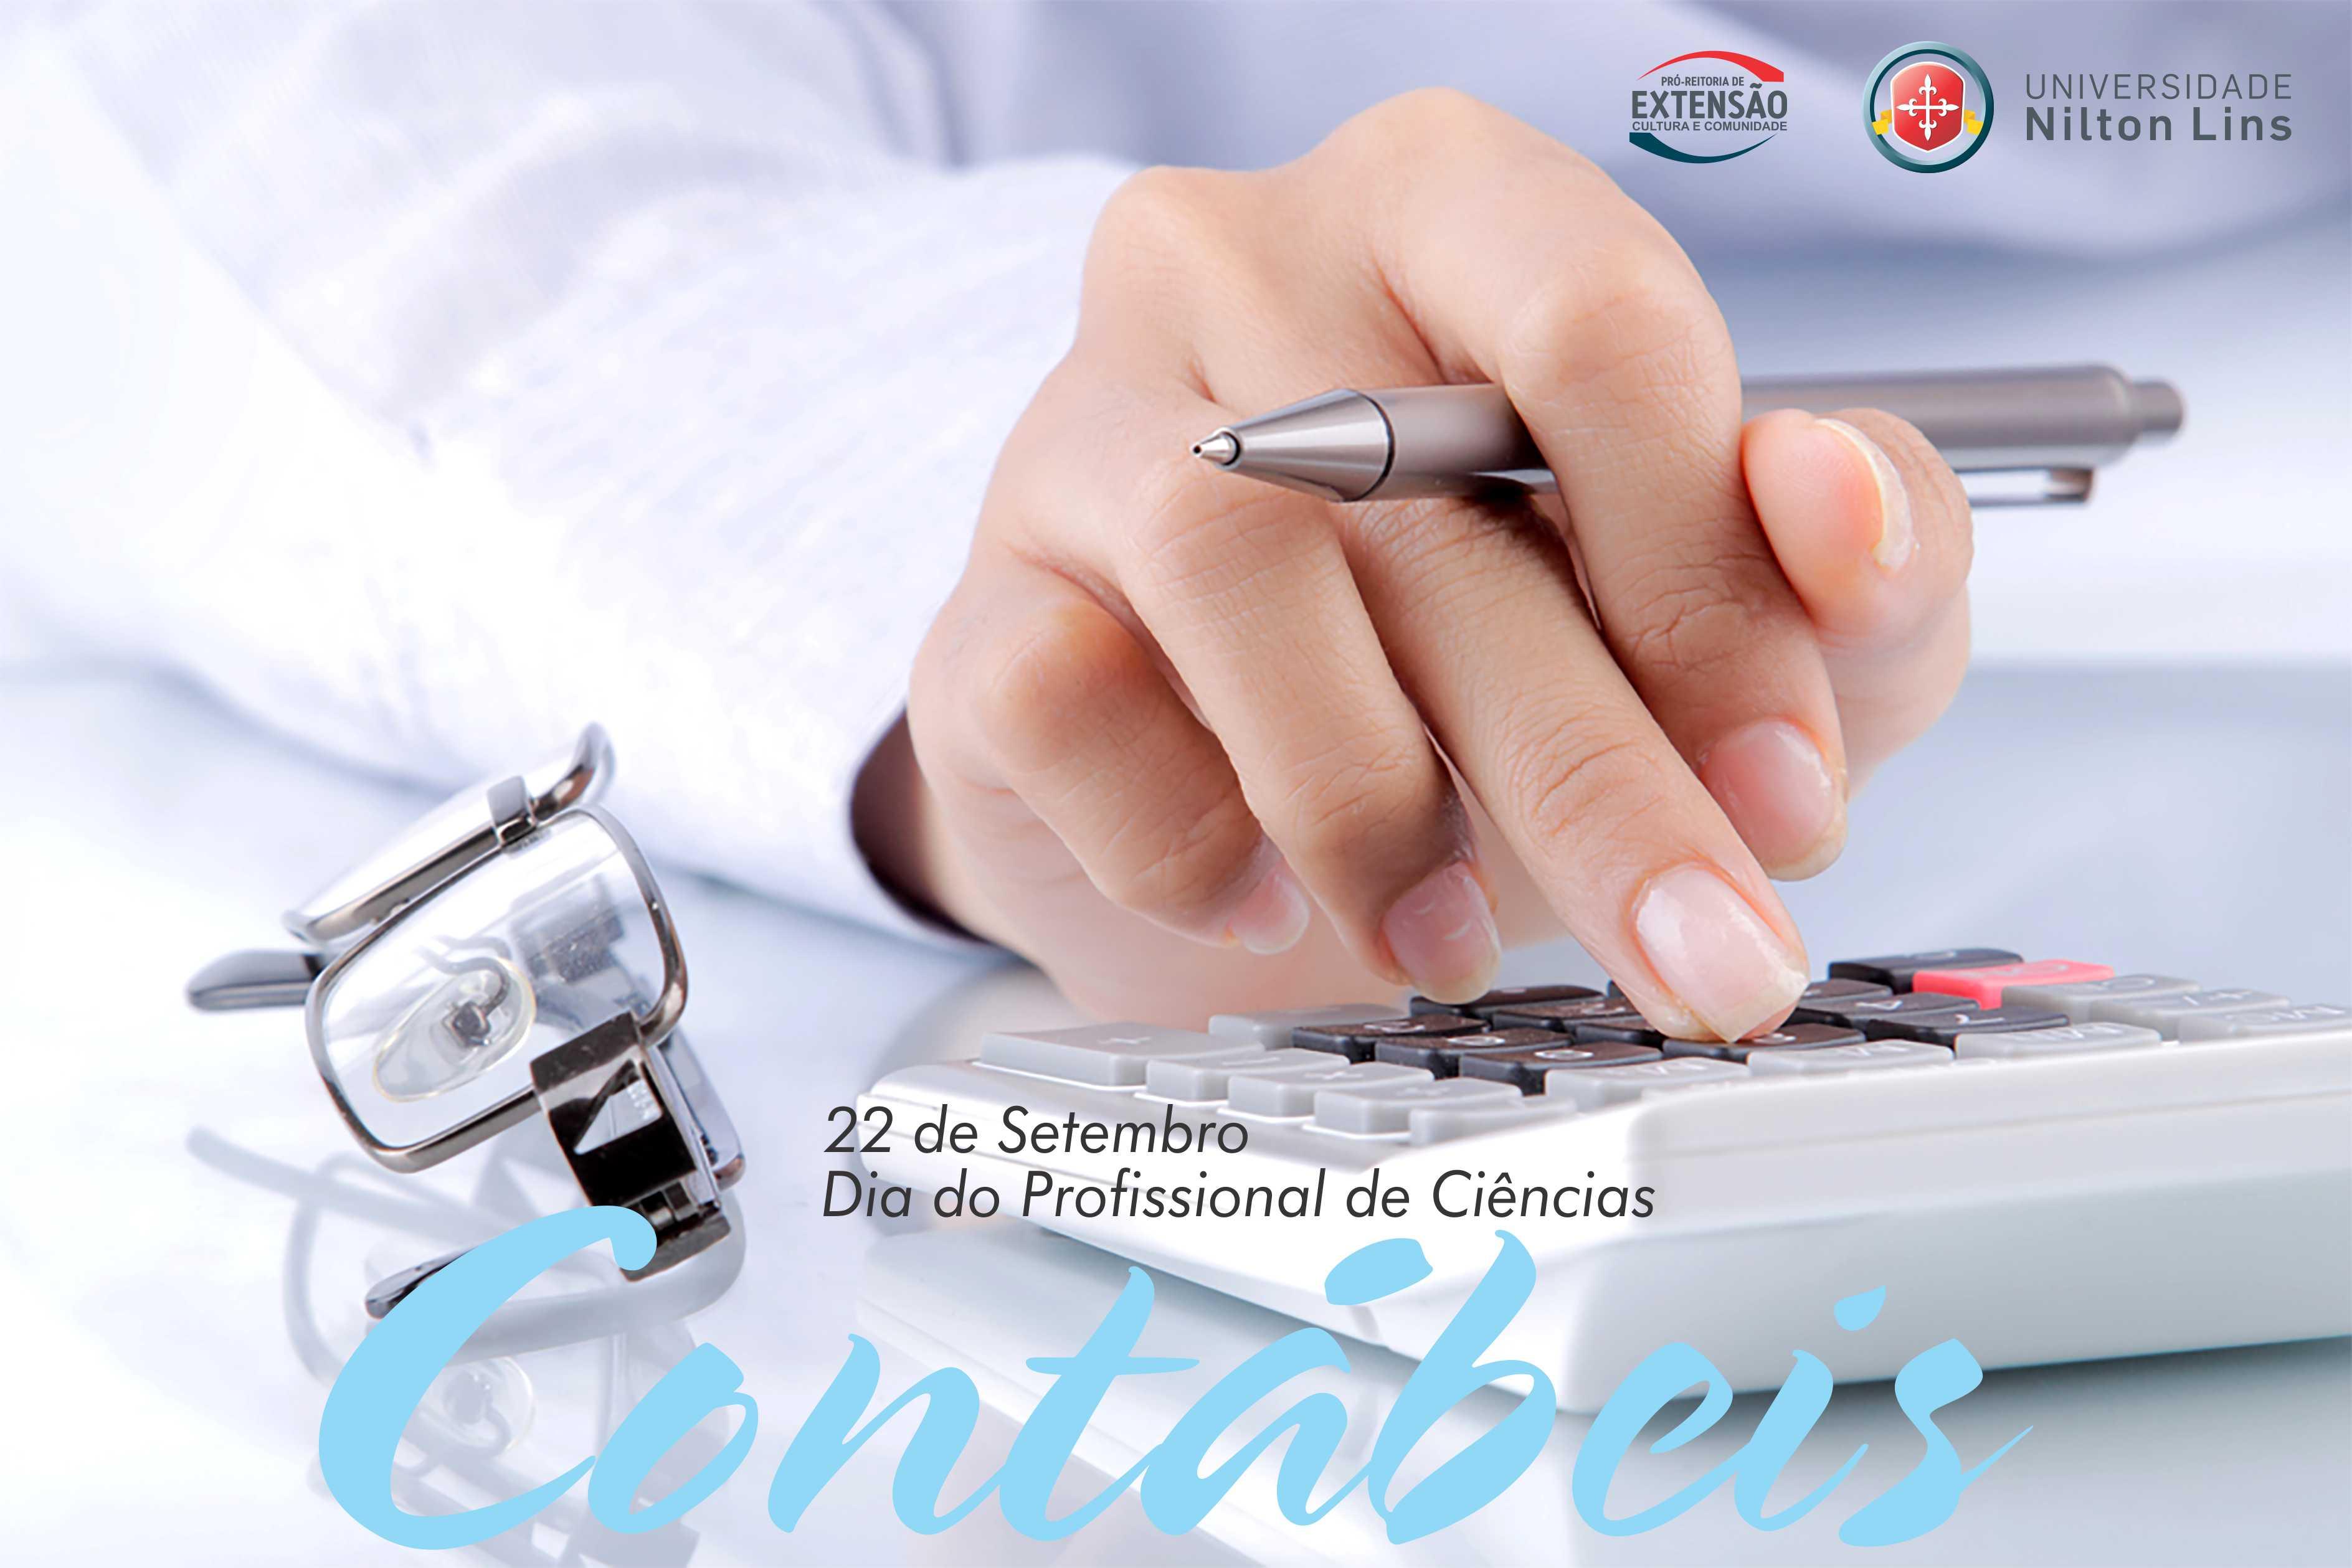 Curso de contabilidade recebe palestra em comemoração ao dia do contador